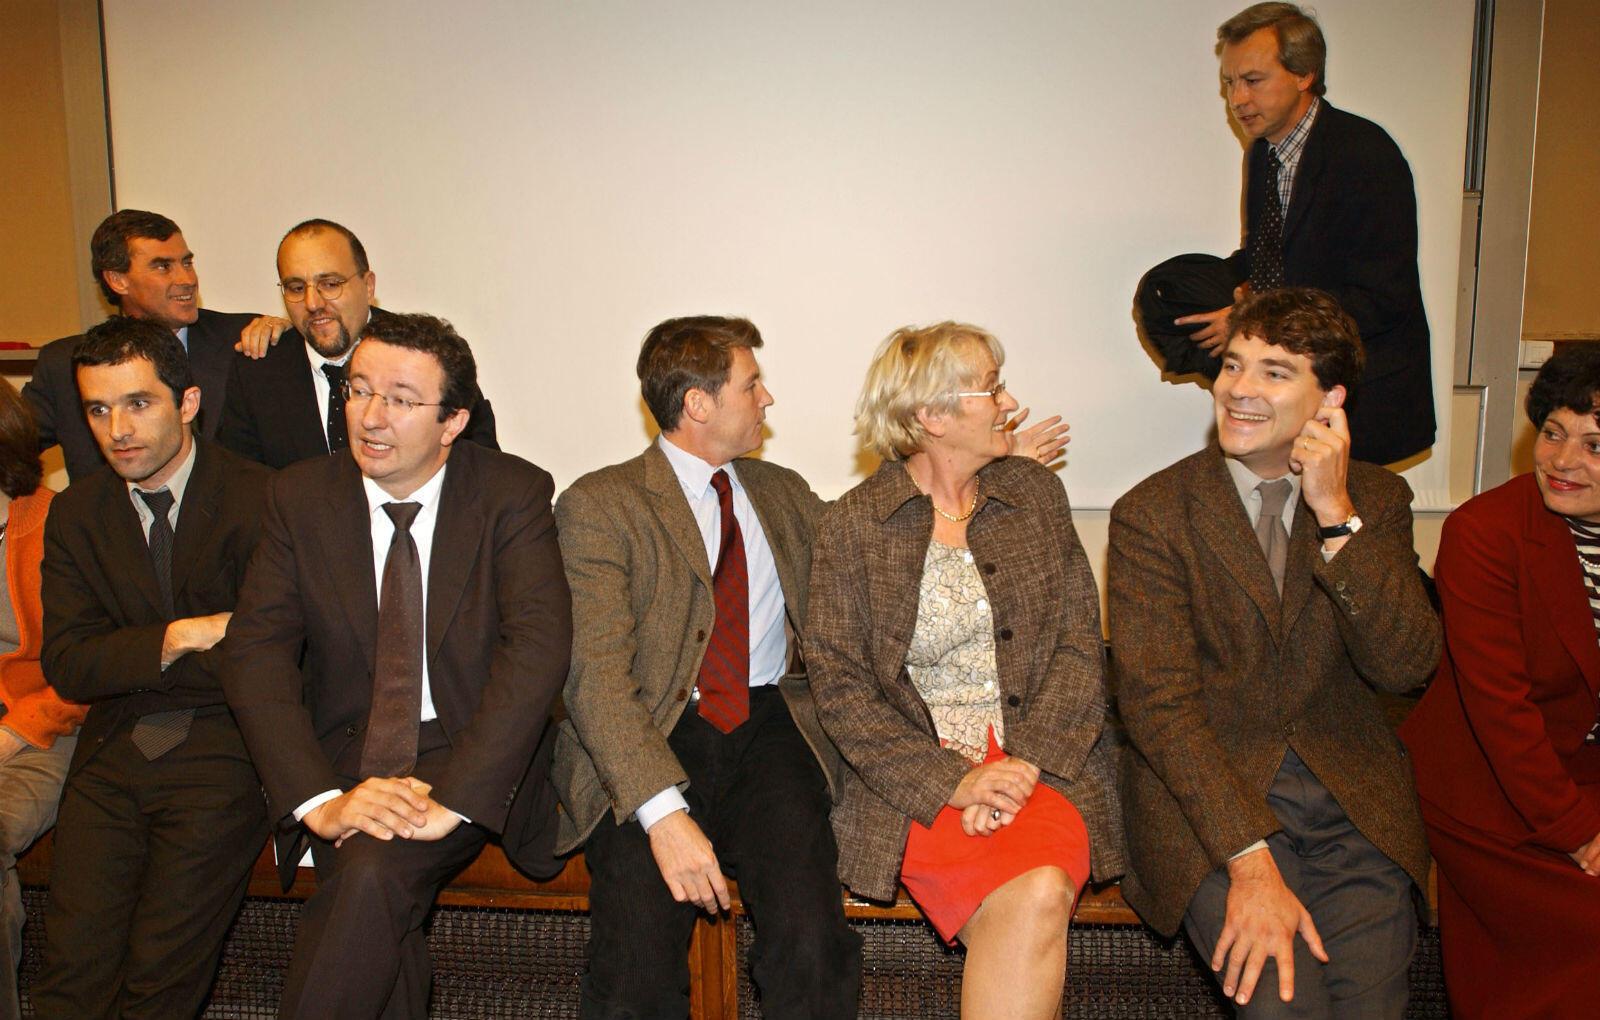 Octobre 2002. Militant socialiste de la première heure, Benoît Hamon n'a jusqu'ici jamais occupé les premiers rôles. Toujours présent au PS, mais souvent à la marge.